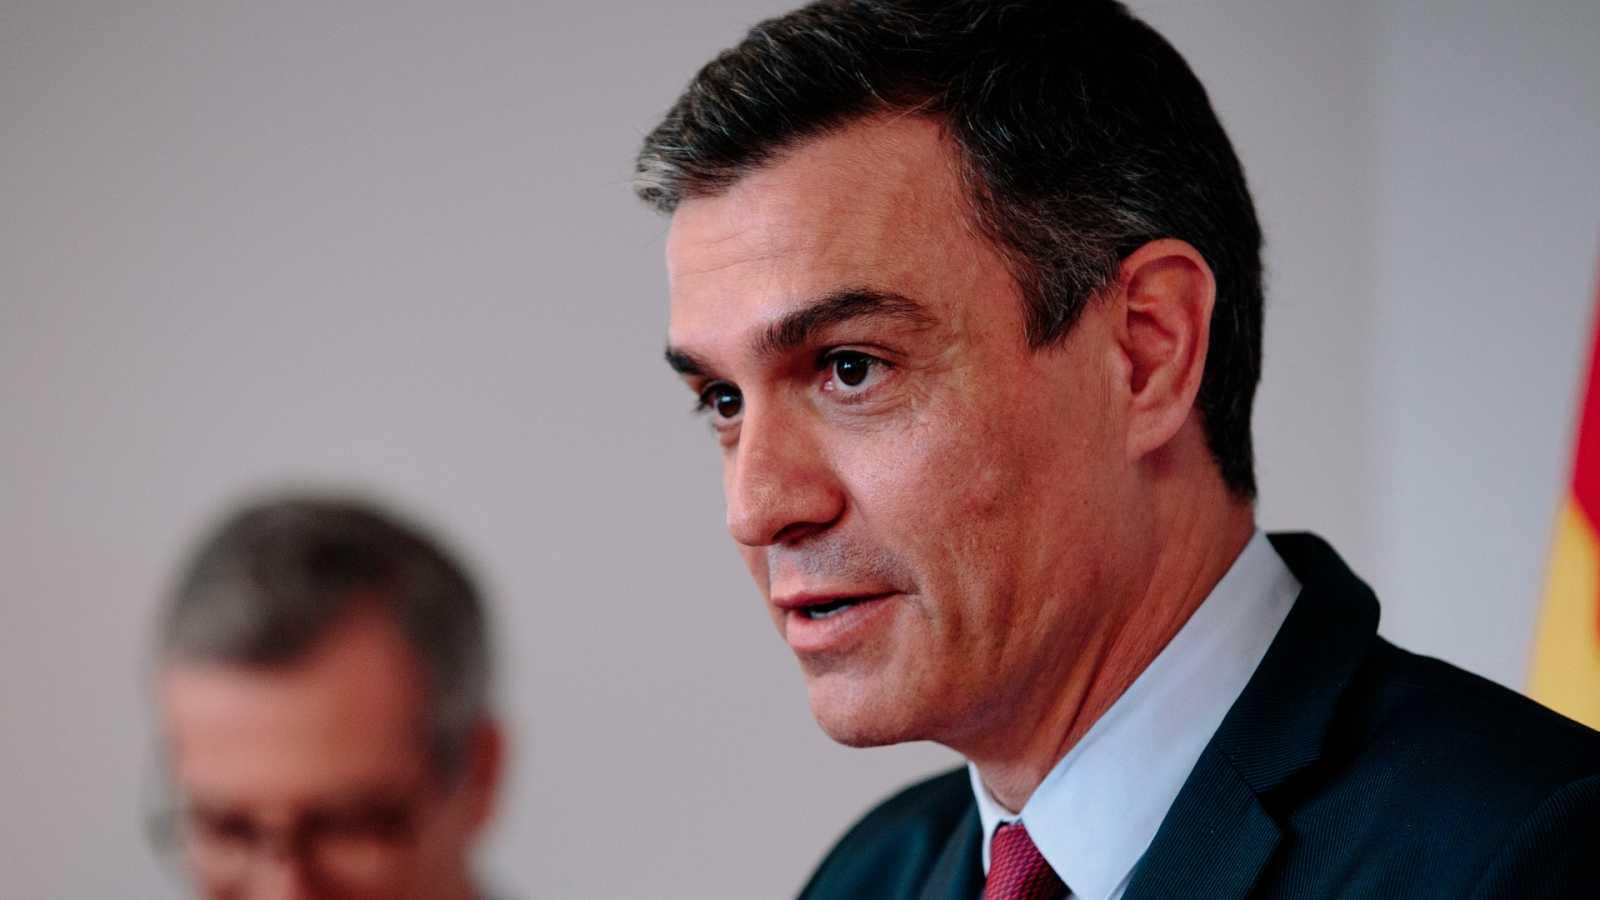 La renovación del CGPJ vuelve a enfrentar al Gobierno y al PP